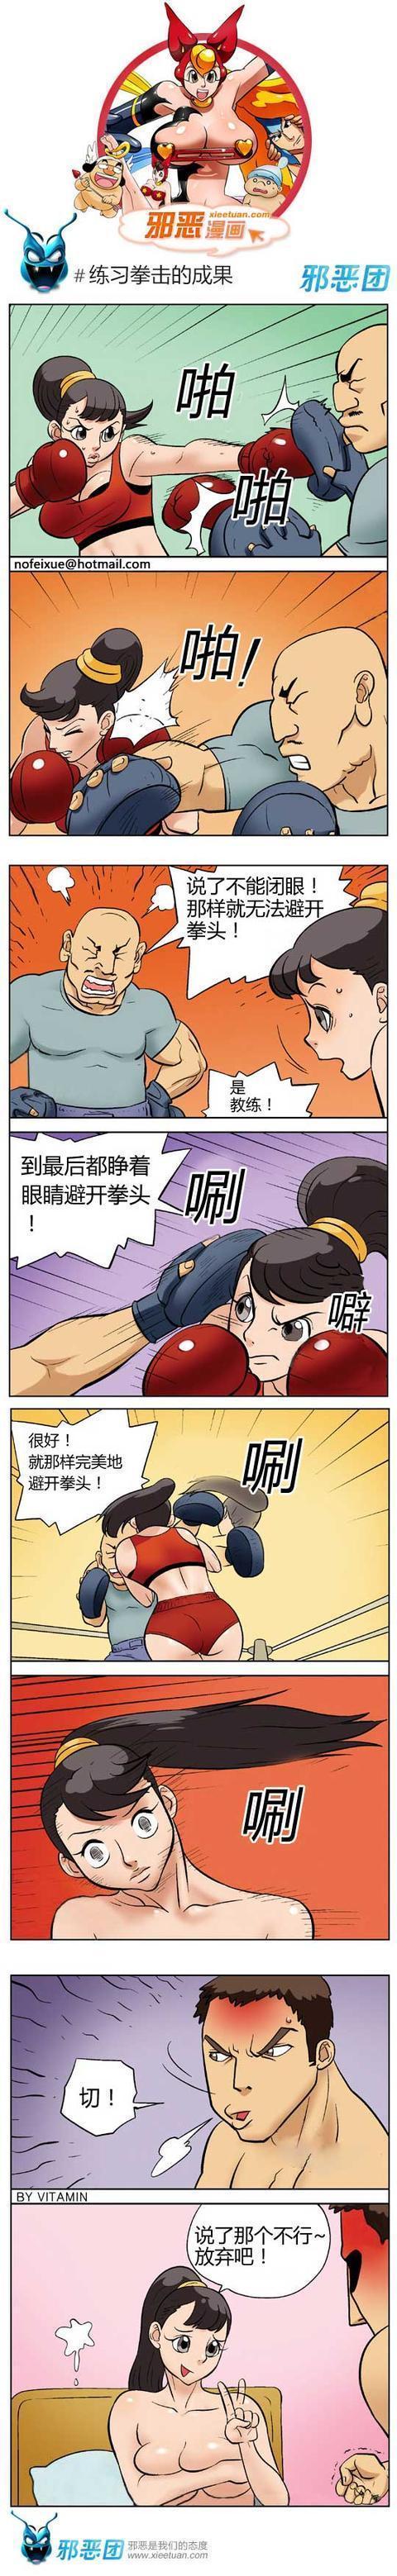 練習拳擊的成果